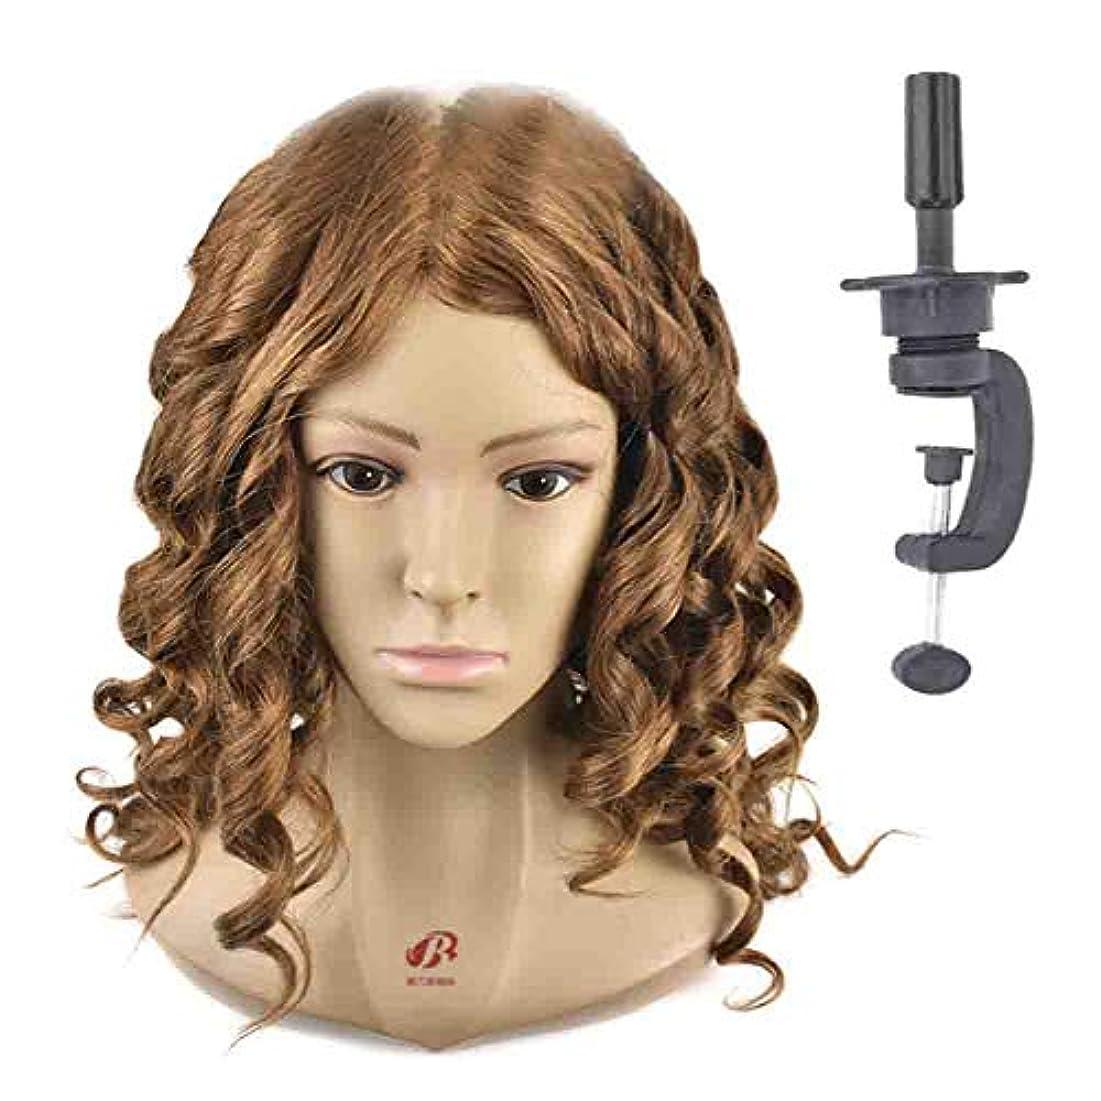 意志に反する行政オンスヘアマネキンヘッド練習ディスク髪編組ヘッドモデル理髪店学校教育かつらヘッドバンドブラケット